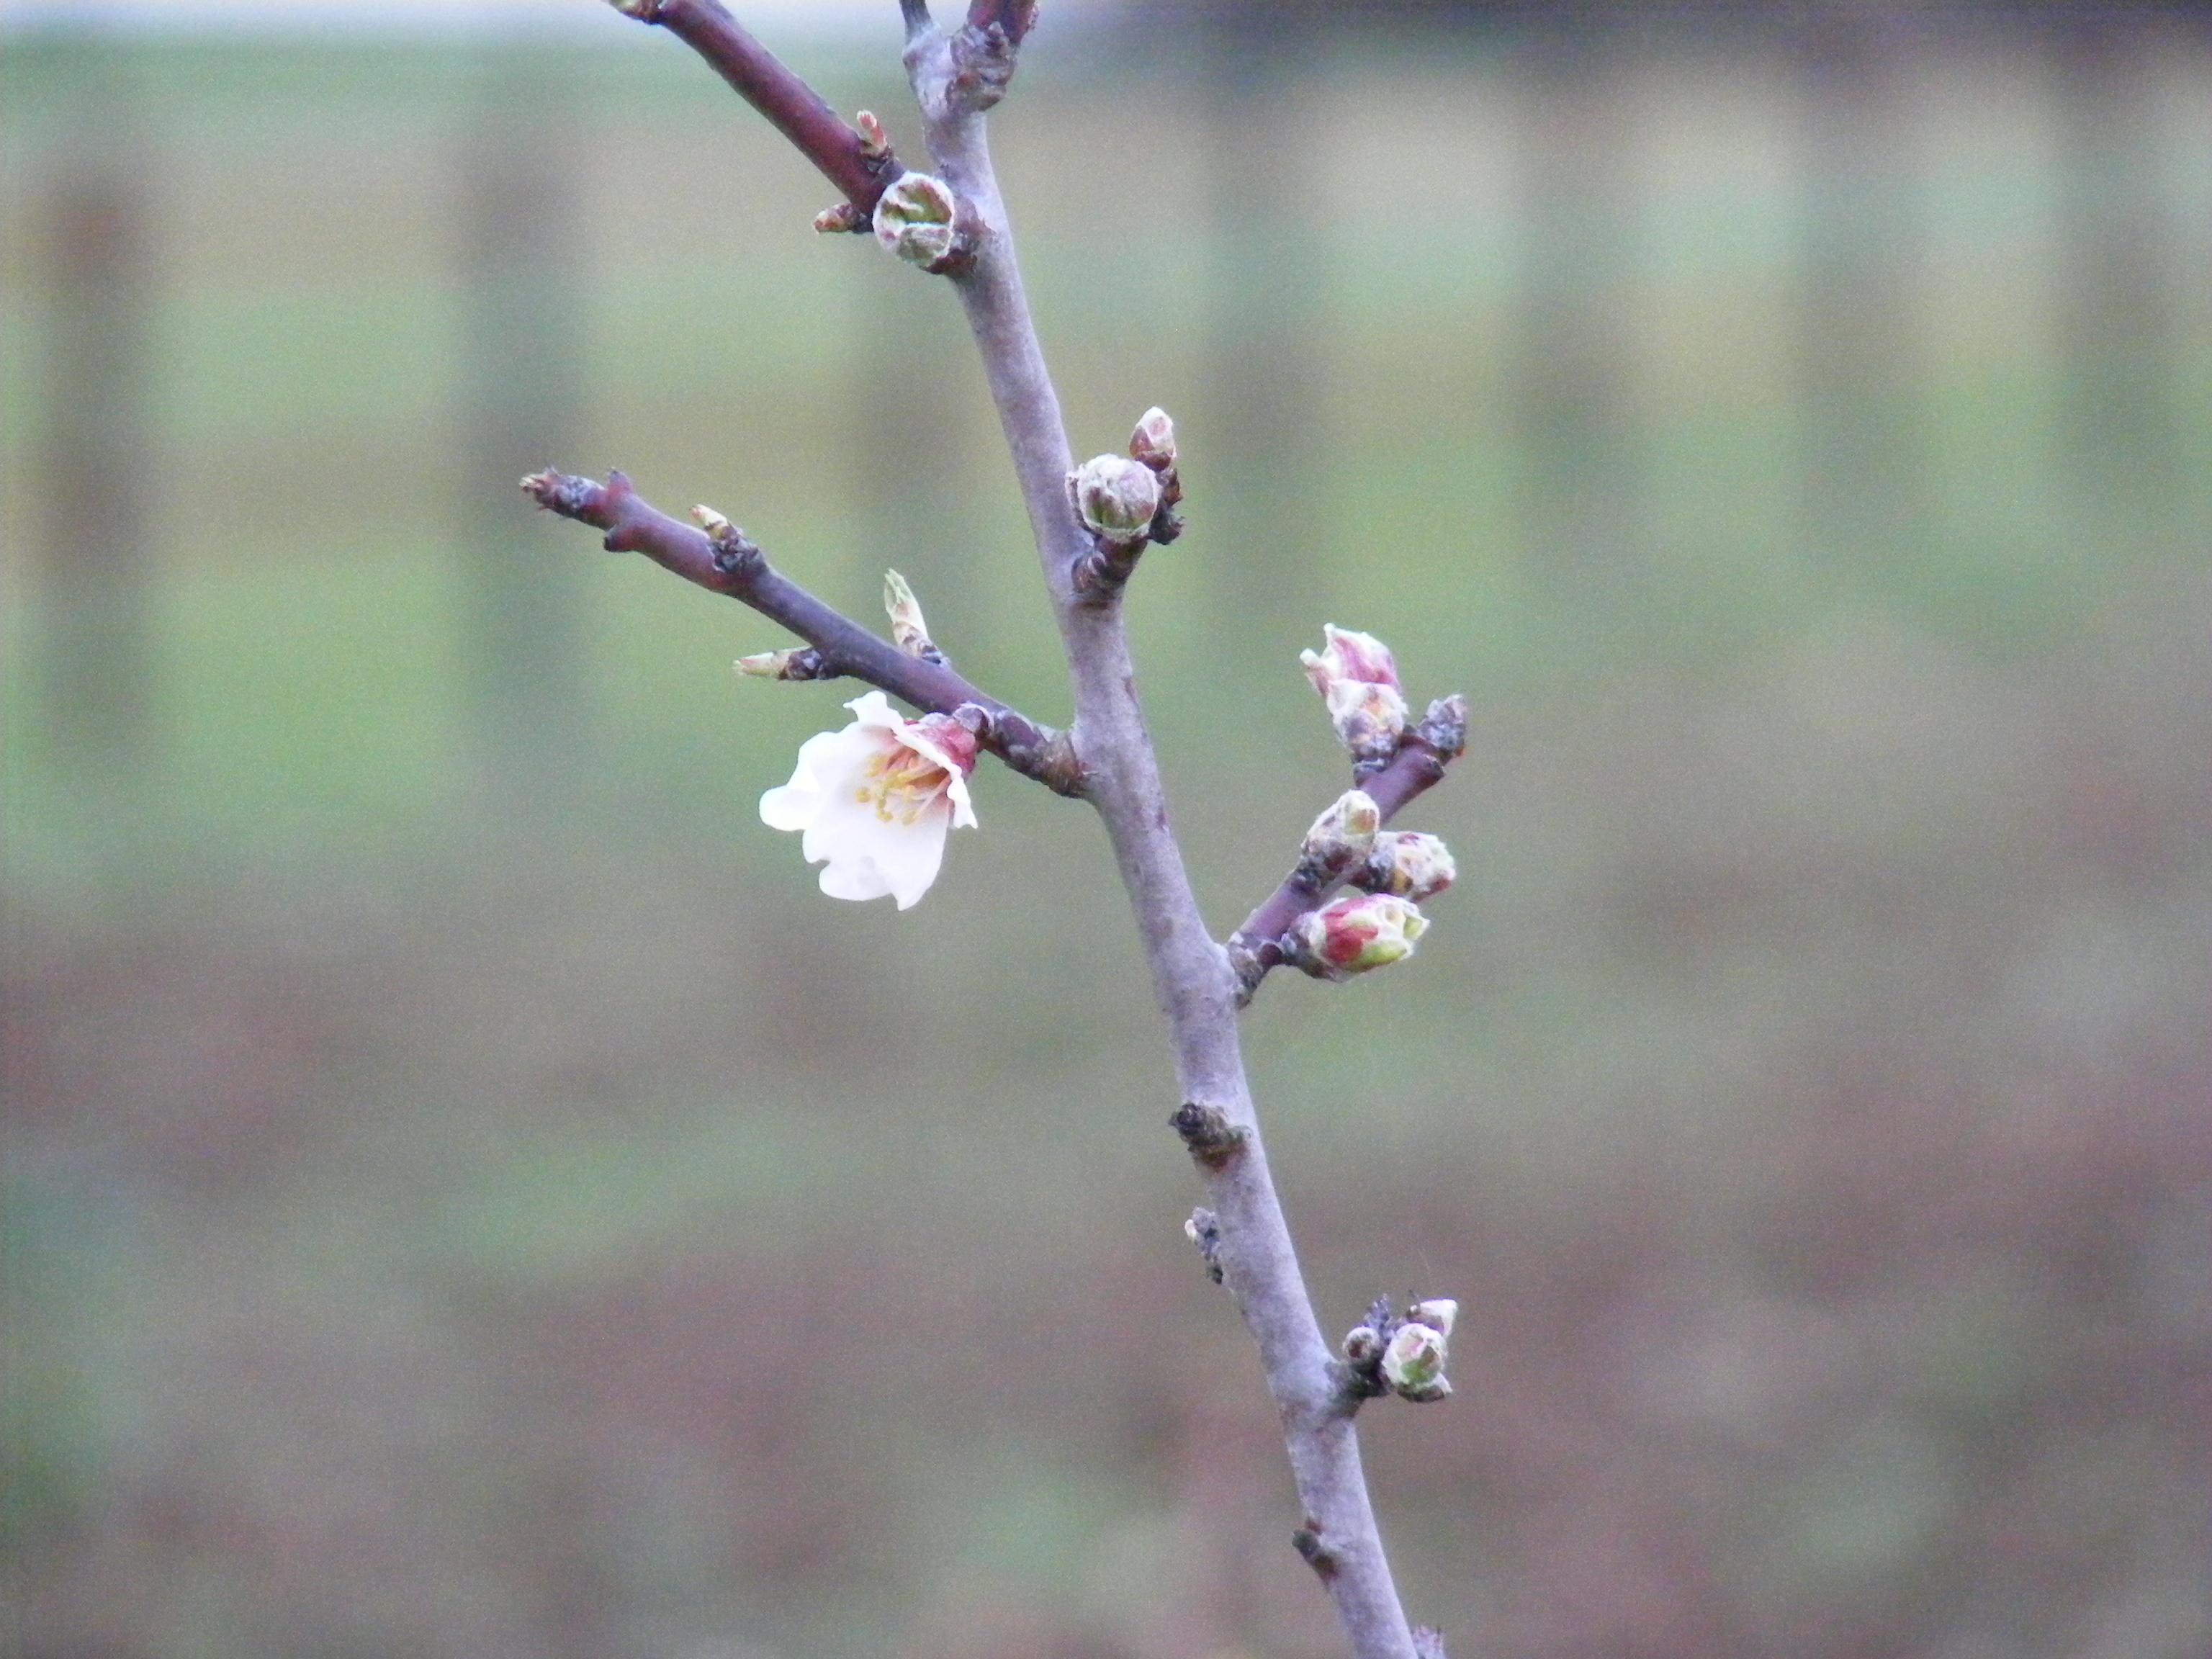 Les premières fleurs, celles-ci datent d'une semaine pratiquement.